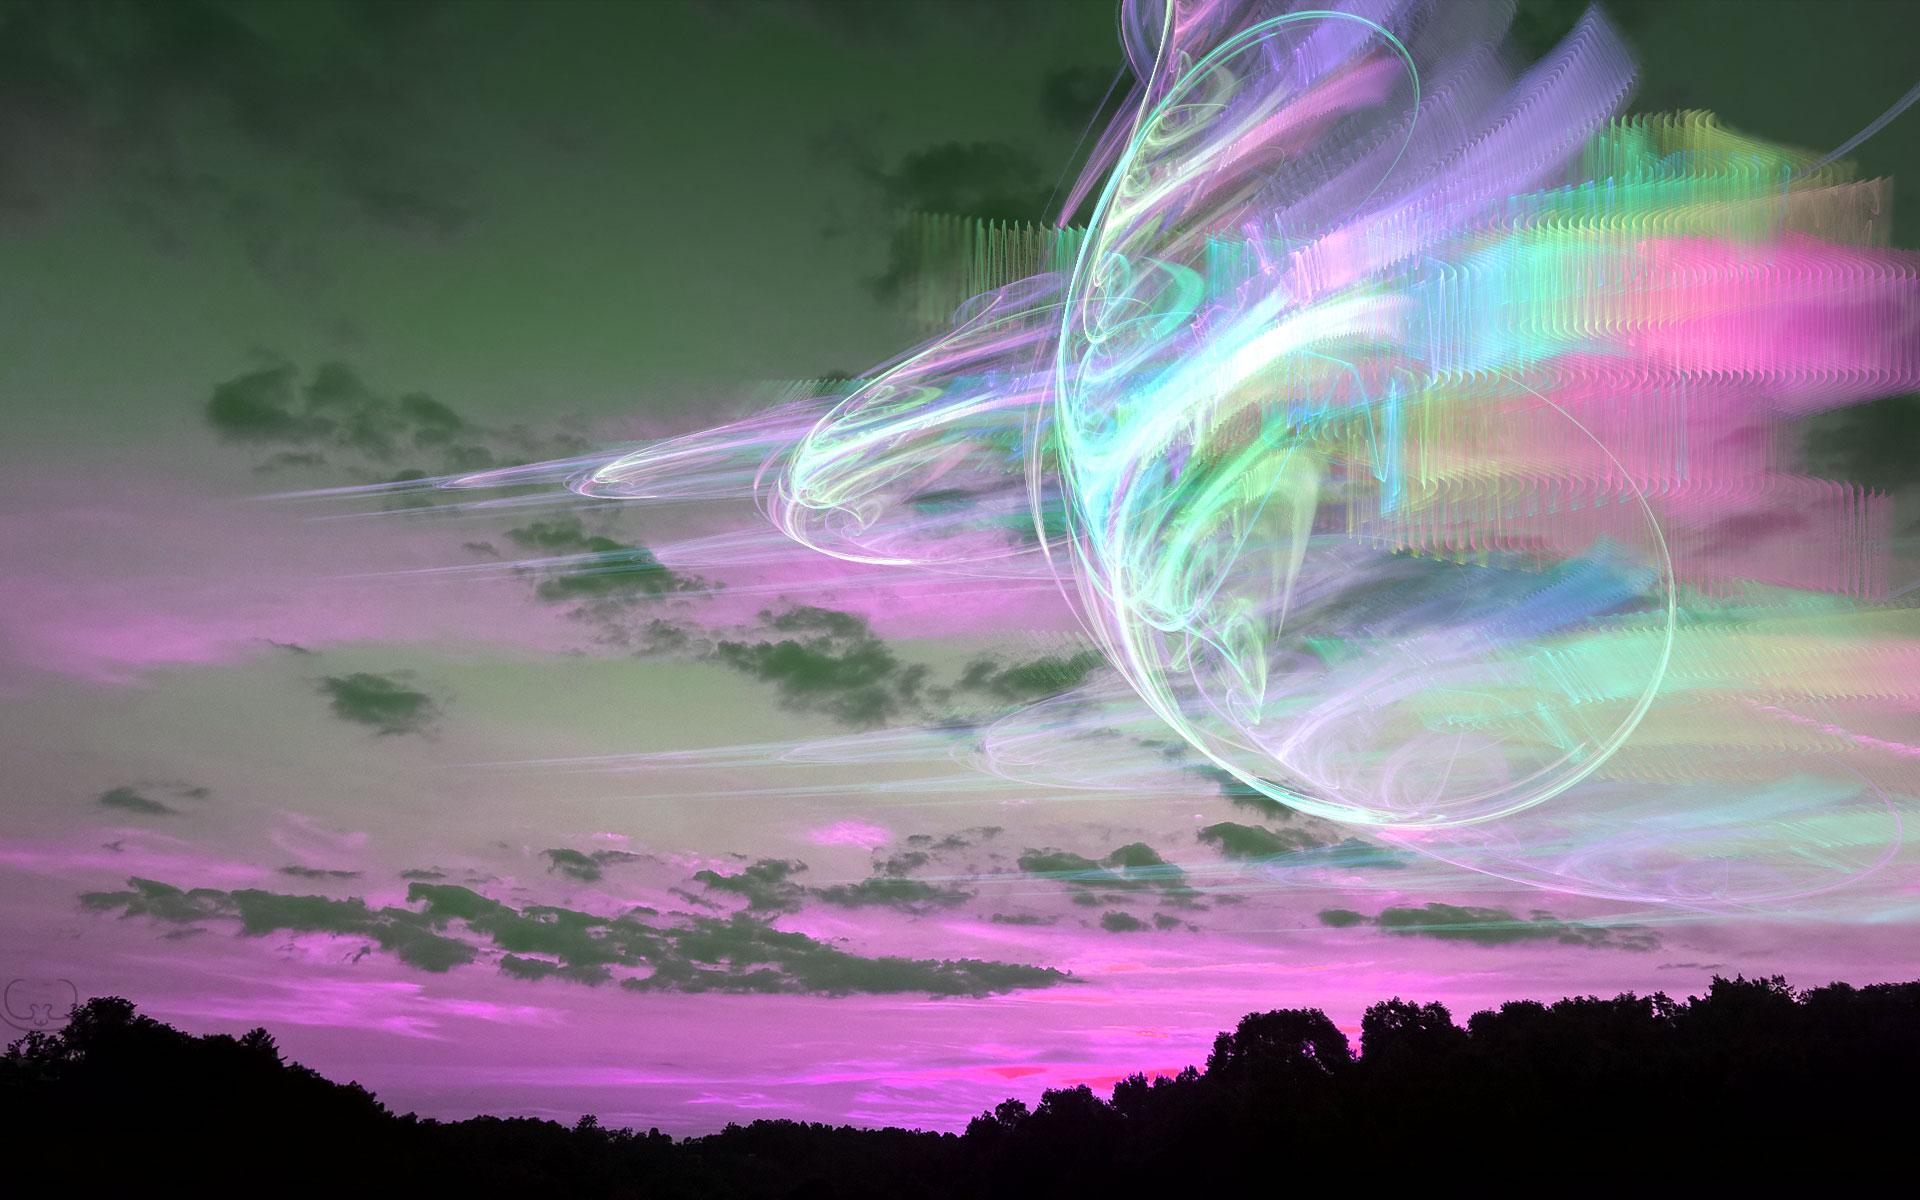 Psychedelic Sunset by shaytu